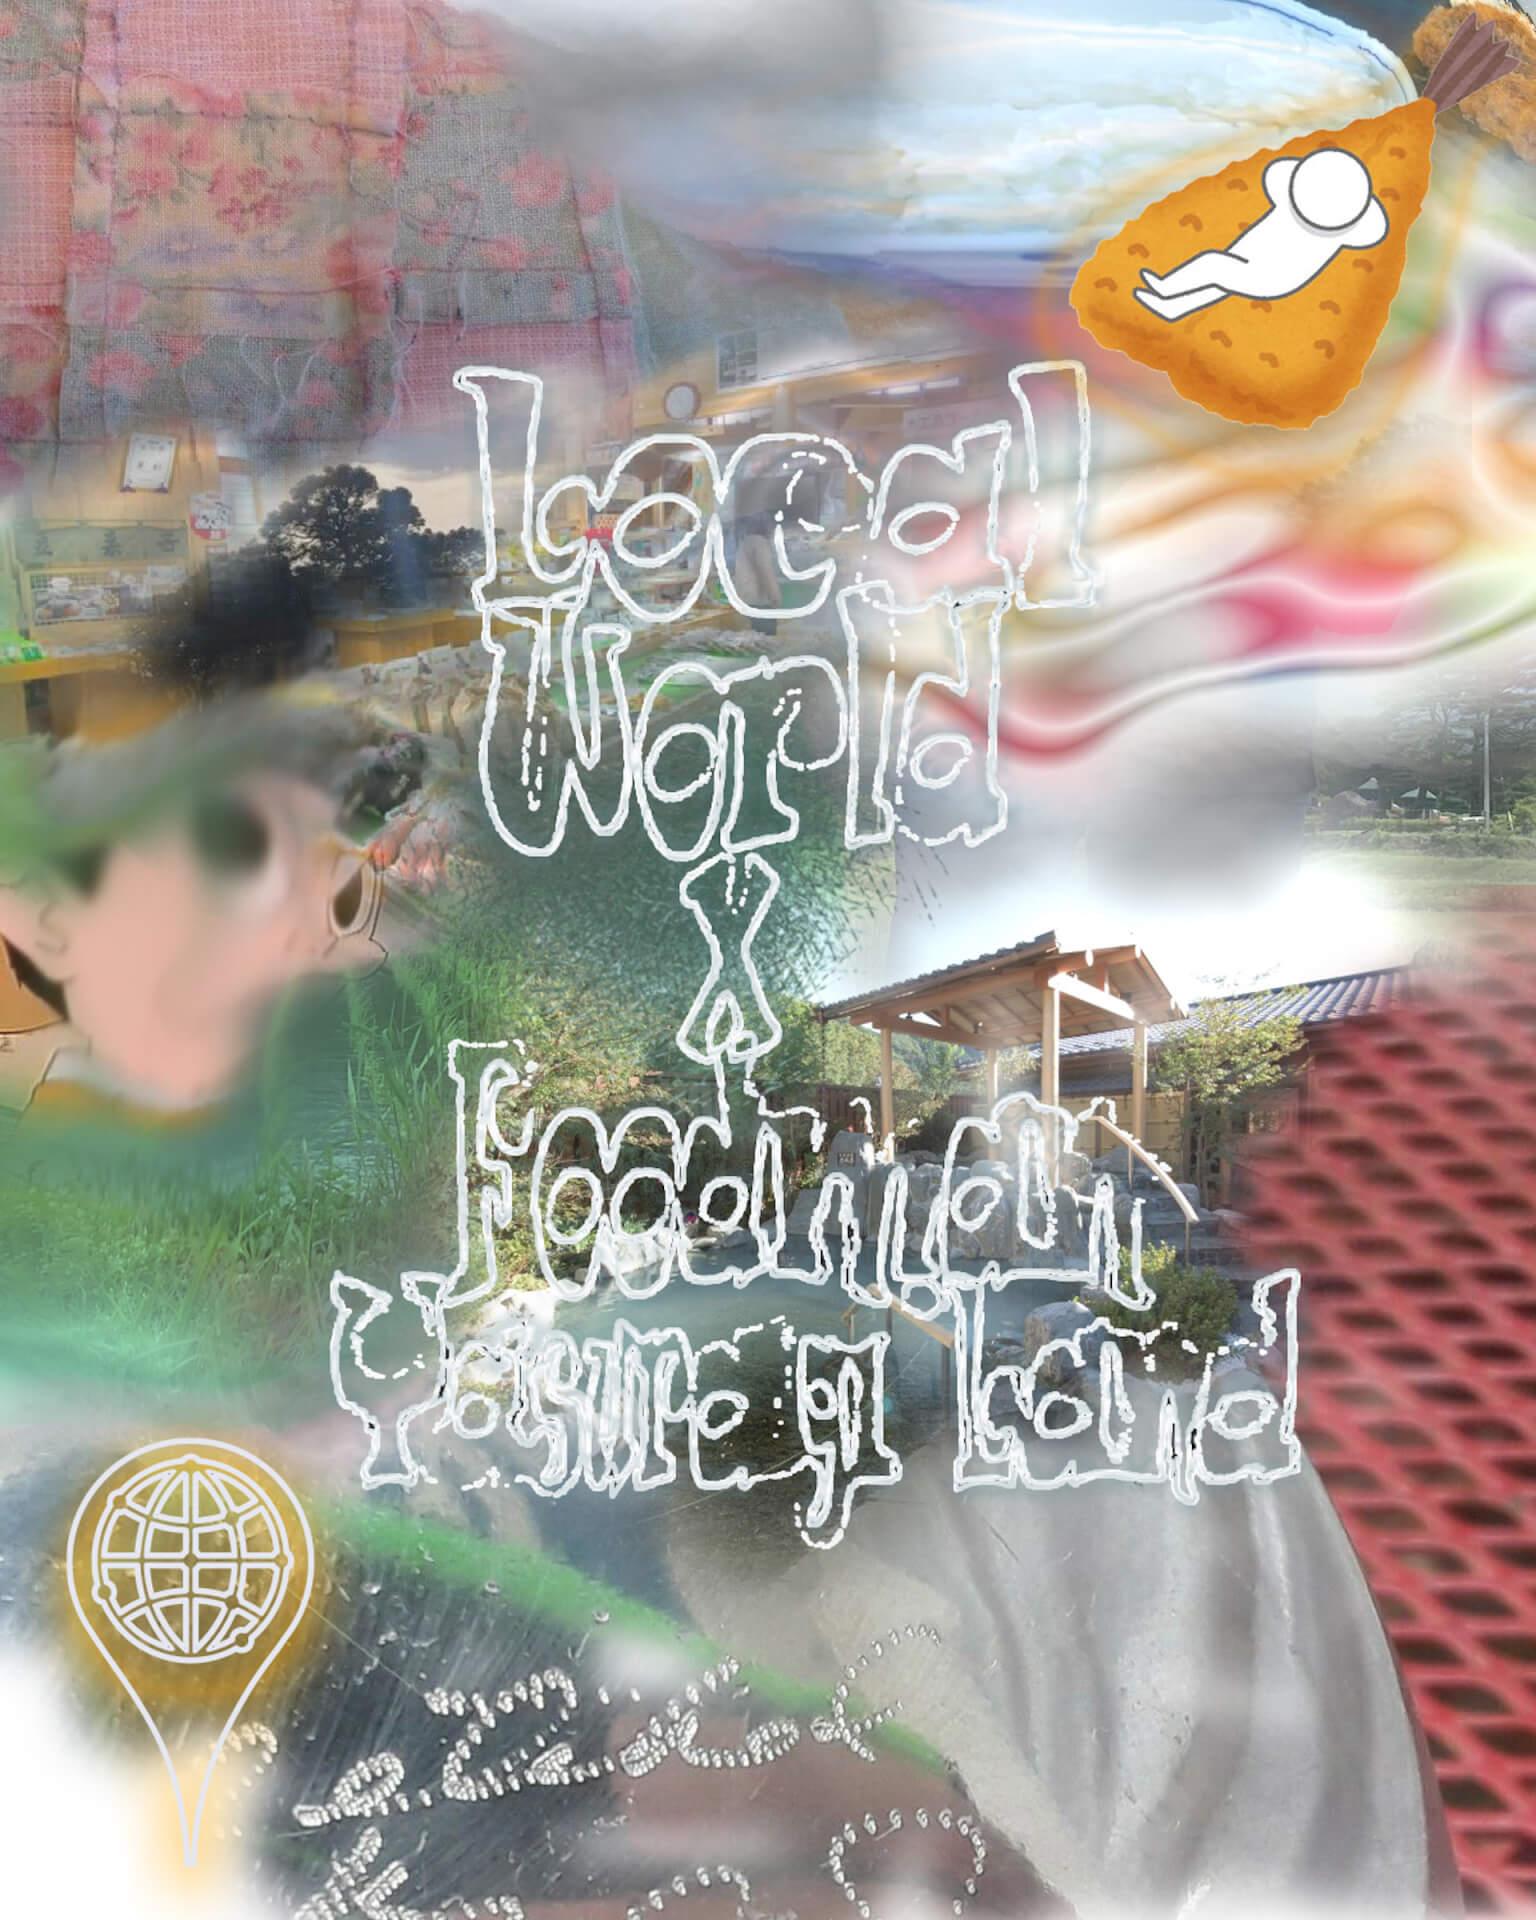 食品まつり a.k.a. foodman『Yasuragi Land』のリリースパーティーが<Local World>と共同開催決定!7FO、DJ Fulltono、徳利など出演 music210715_localworld_foodman_2